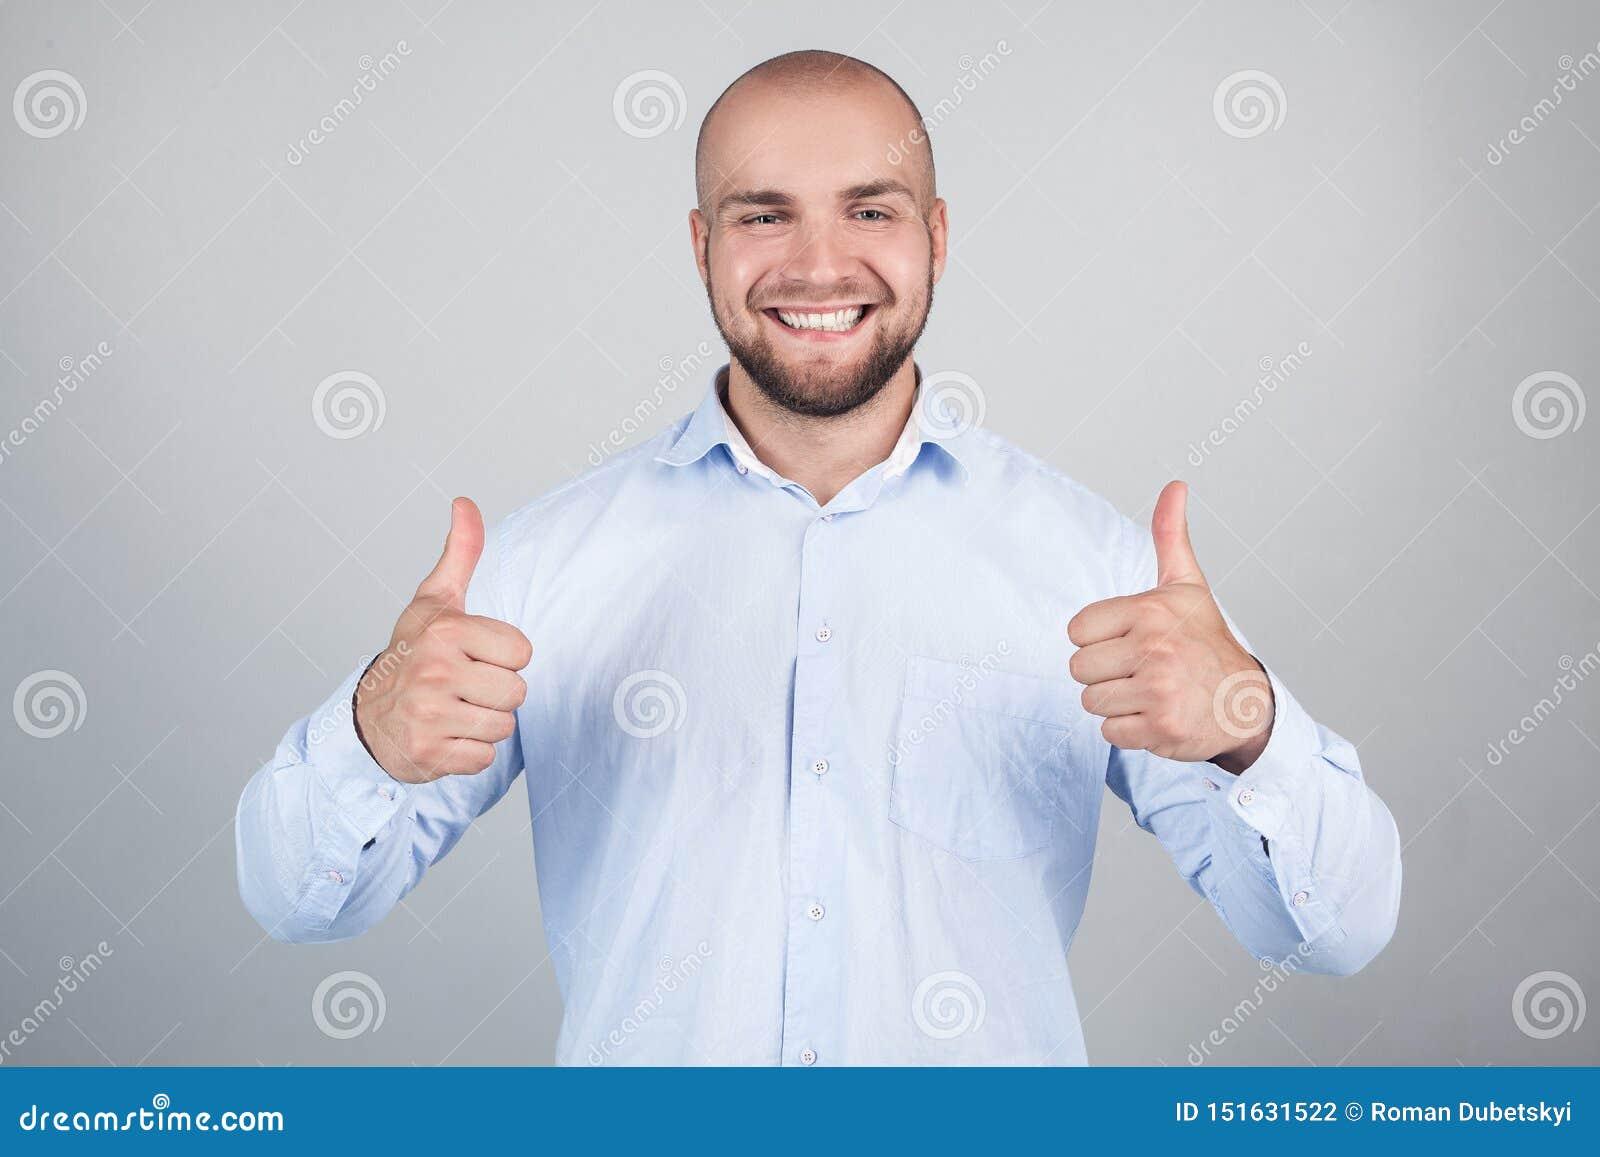 Πορτρέτο εύθυμου ευχάριστου συγκινημένου χαρούμενου όμορφου με την ακτινοβολία του οδοντωτού λαμπρού ατόμου χαμόγελου που φορά το